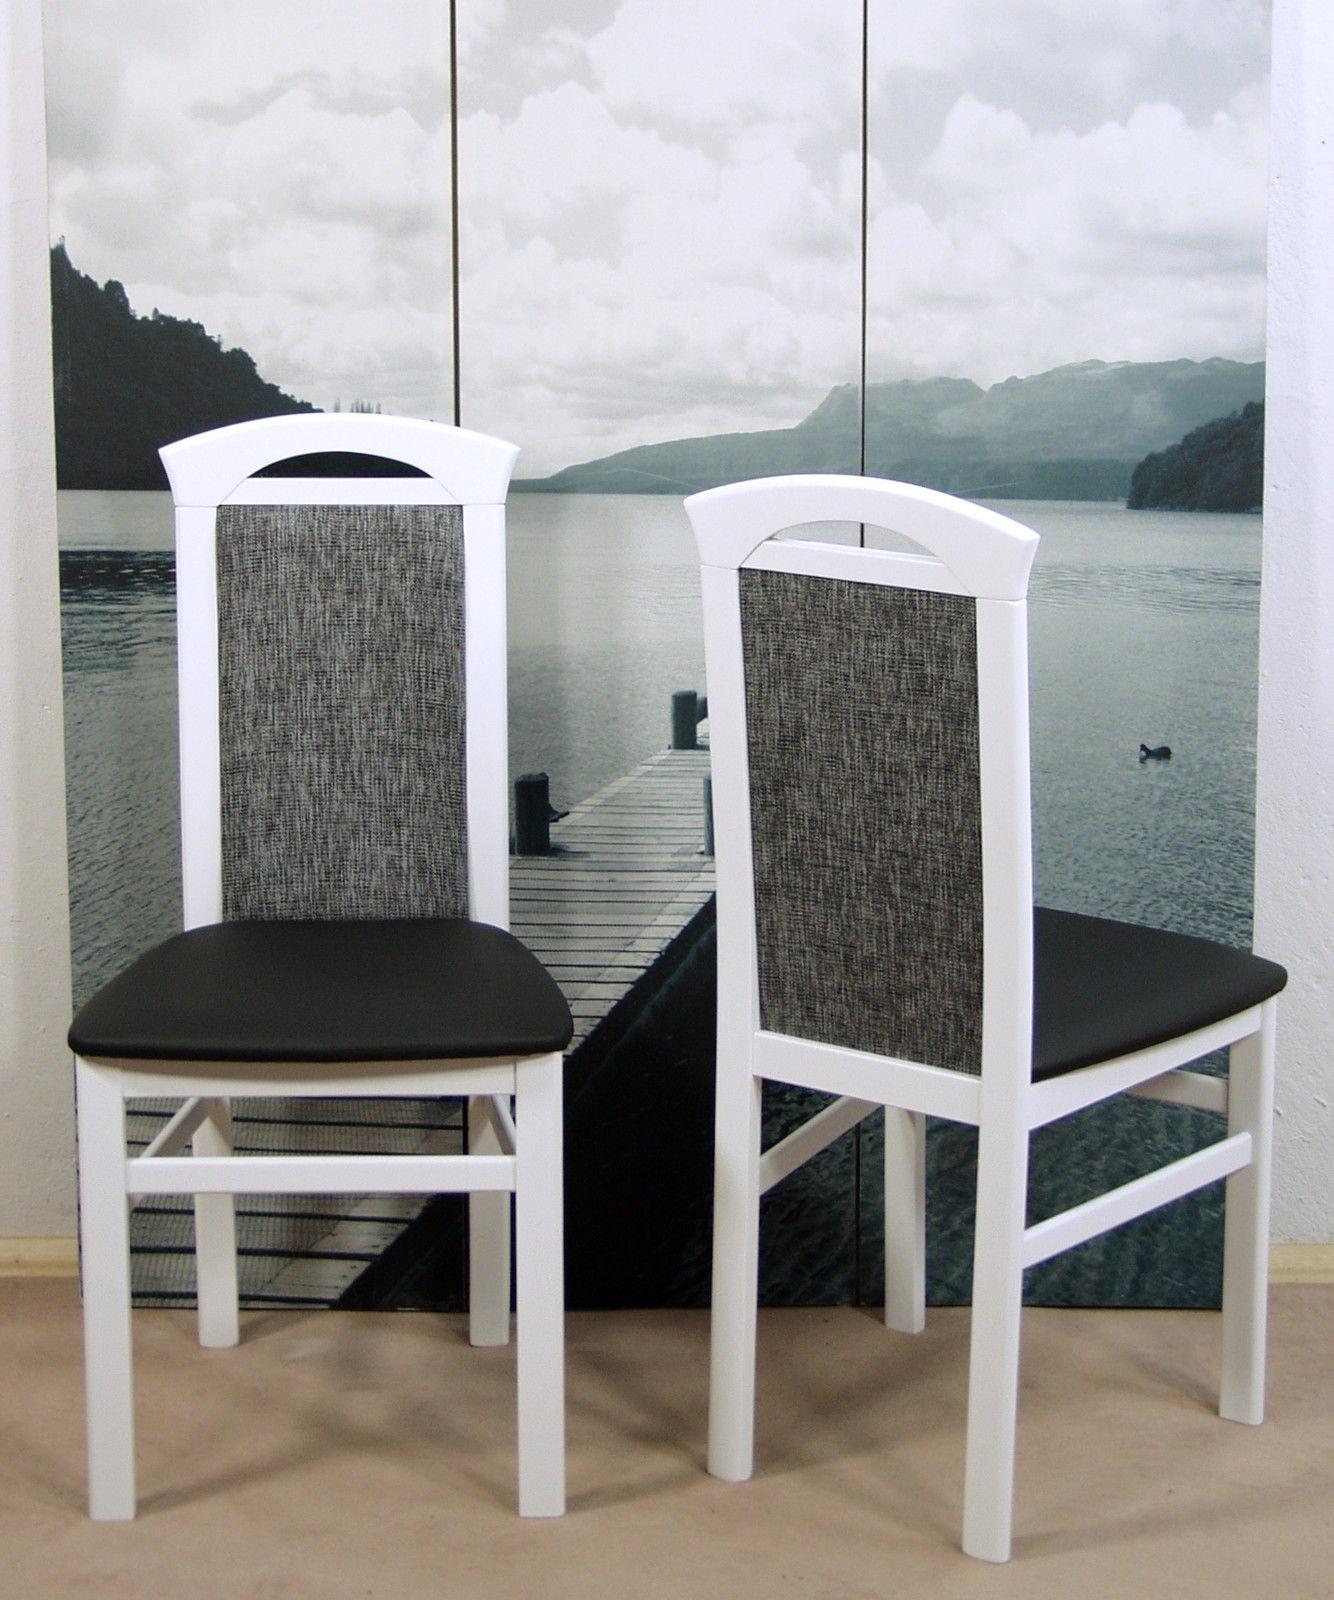 Faszinierend Stühle Modern Referenz Von 2 X Stuhl Stühle Weiß Schwarz Esszimmerstühle